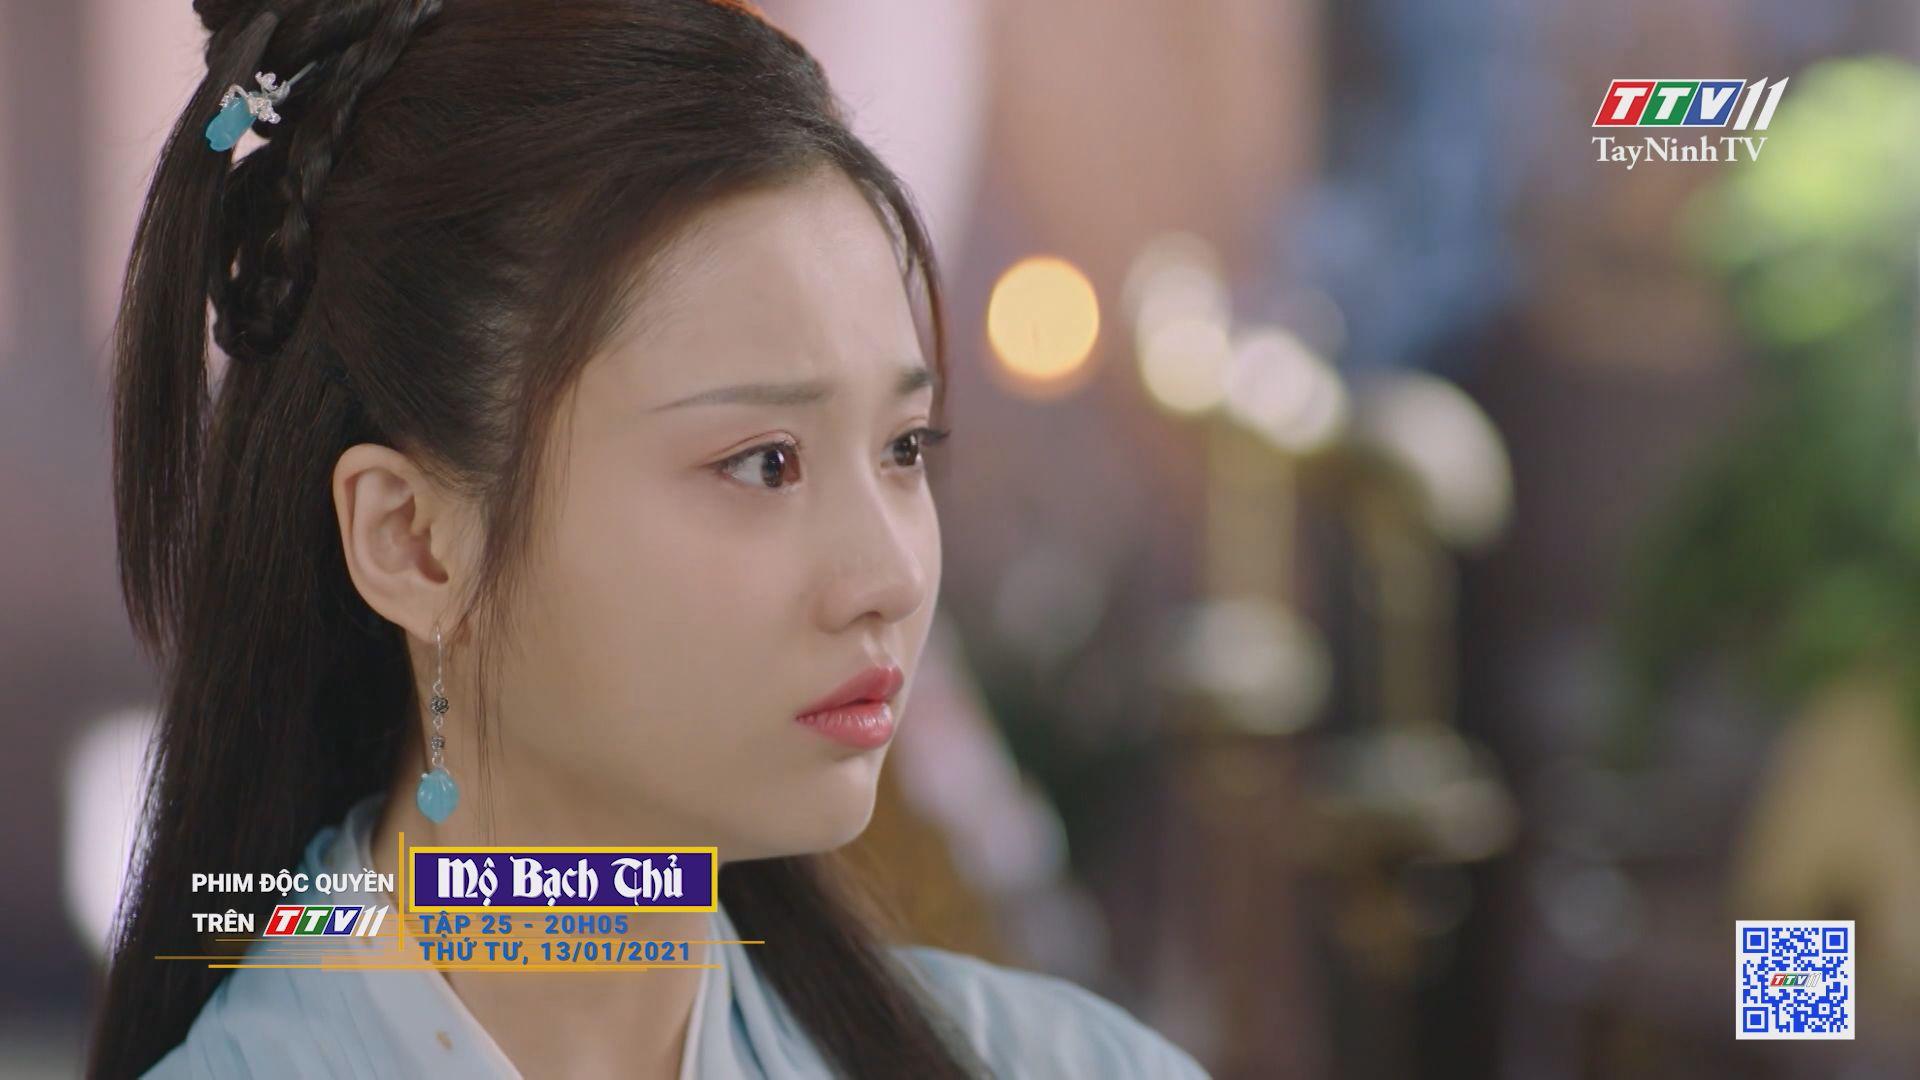 Mộ Bạch Thủ-TẬP 25 trailer | PHIM MỘ BẠCH THỦ | TayNinhTV